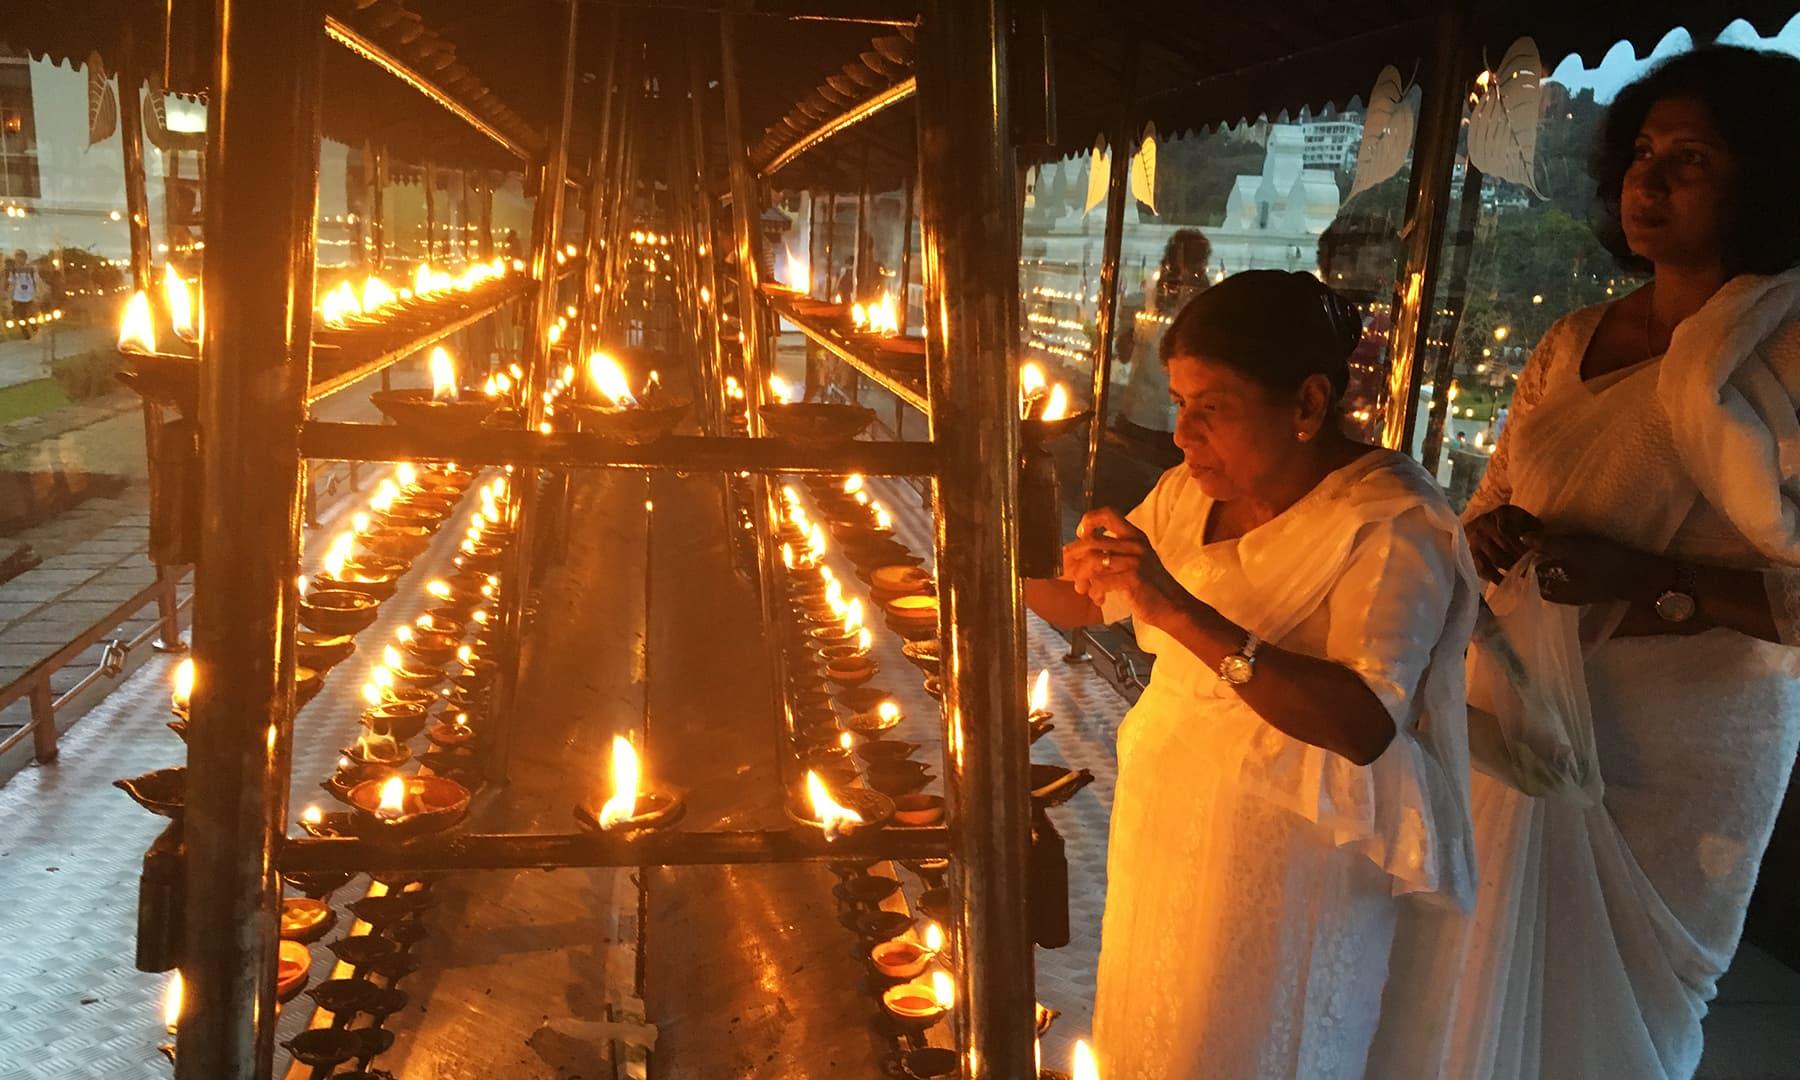 کئی دیگر ملکوں کے علاوہ سری لنکا کے کونے کونے سے بدھ زائرین یہاں اپنی حاجتوں کے ساتھ پہنچتے ہیں—تصویر امتیاز احمد